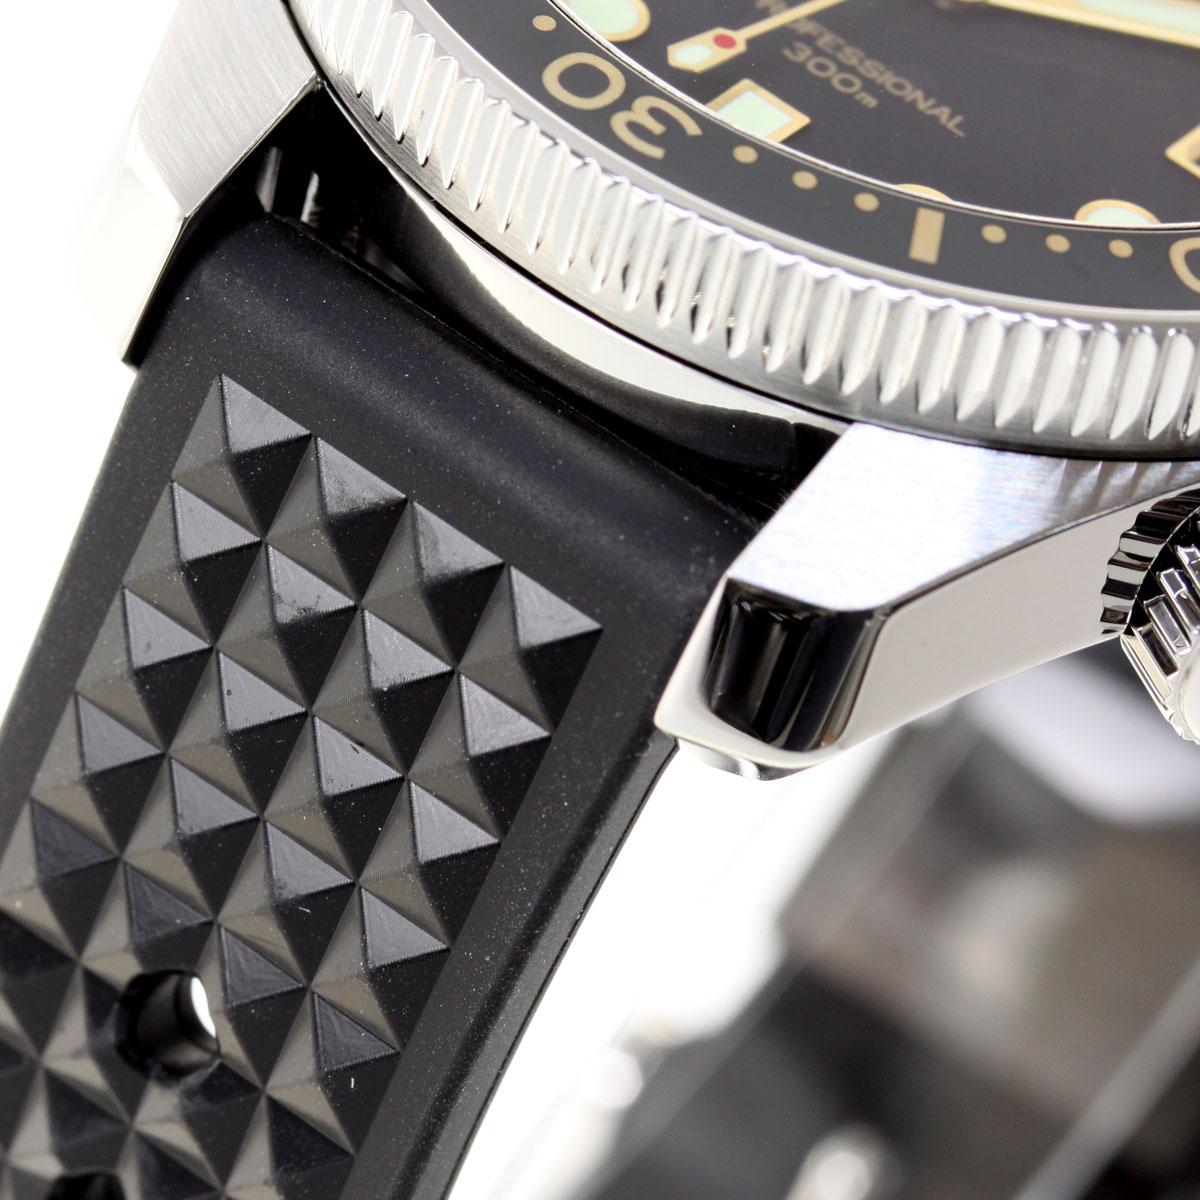 ニールがお得!店内ポイント最大47倍! セイコー プロスペックス SEIKO PROSPEX 復刻デザイン 限定モデル ダイバースキューバ ヒストリカルコレクション メカニカル 自動巻き 腕時計 メンズ SBEX007